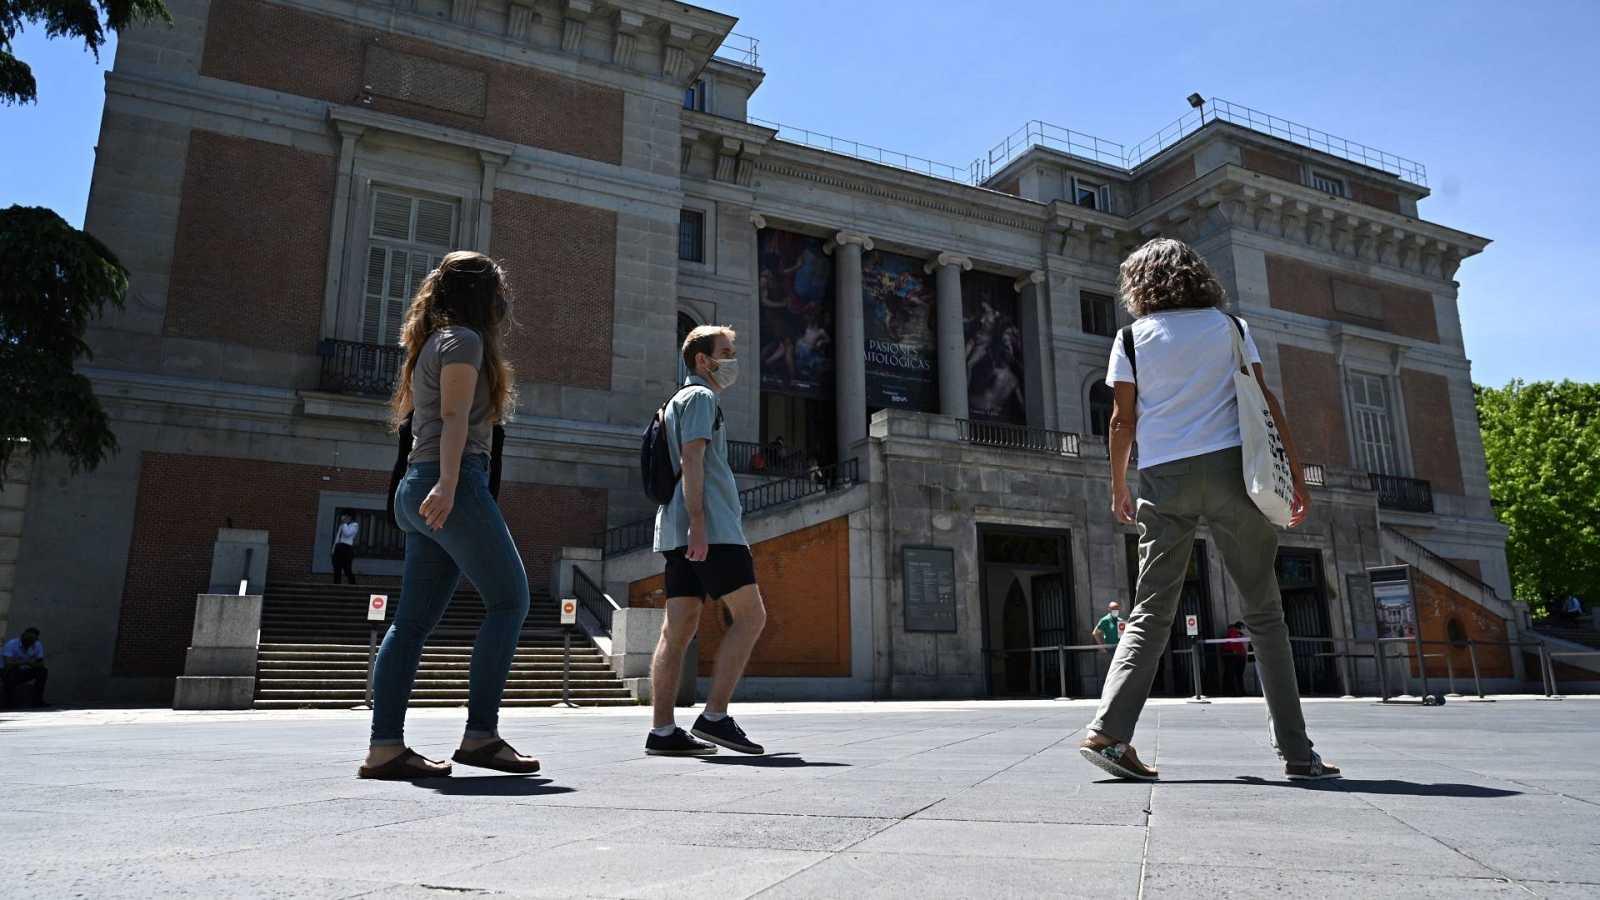 Celebramos el Día Internacional de los Museos acompañando a sus visitantes